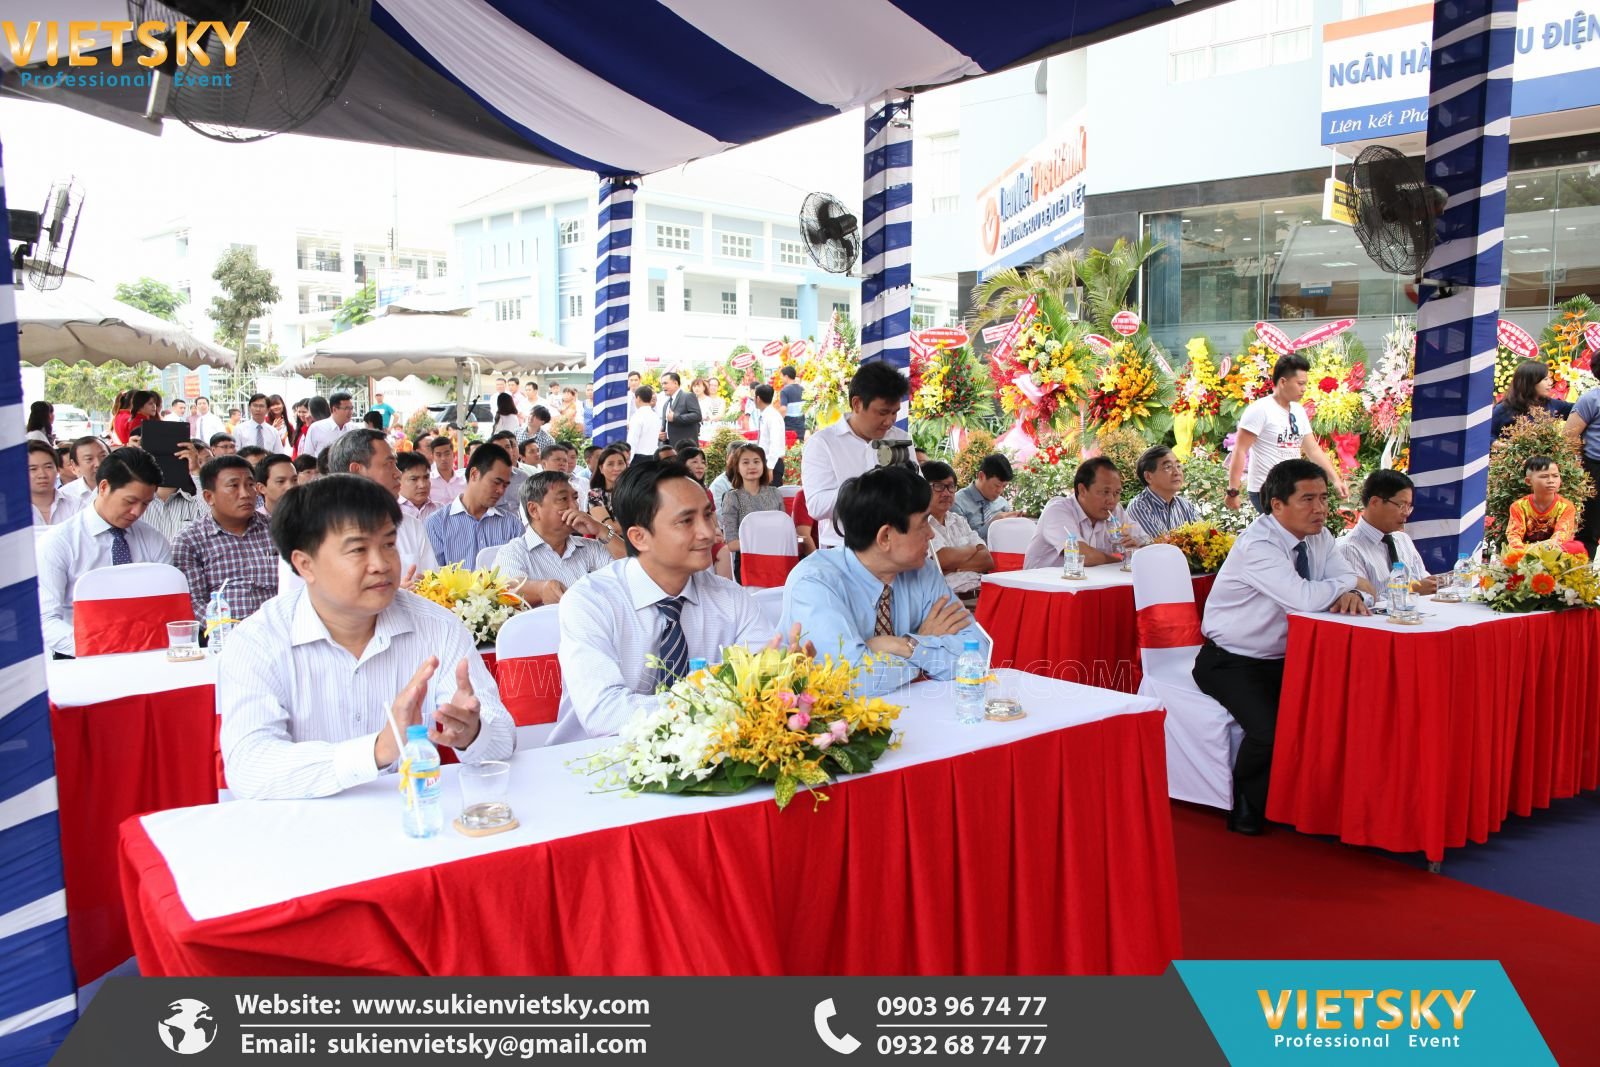 tổ chức lễ khai trương giá rẻ tại đồng nai